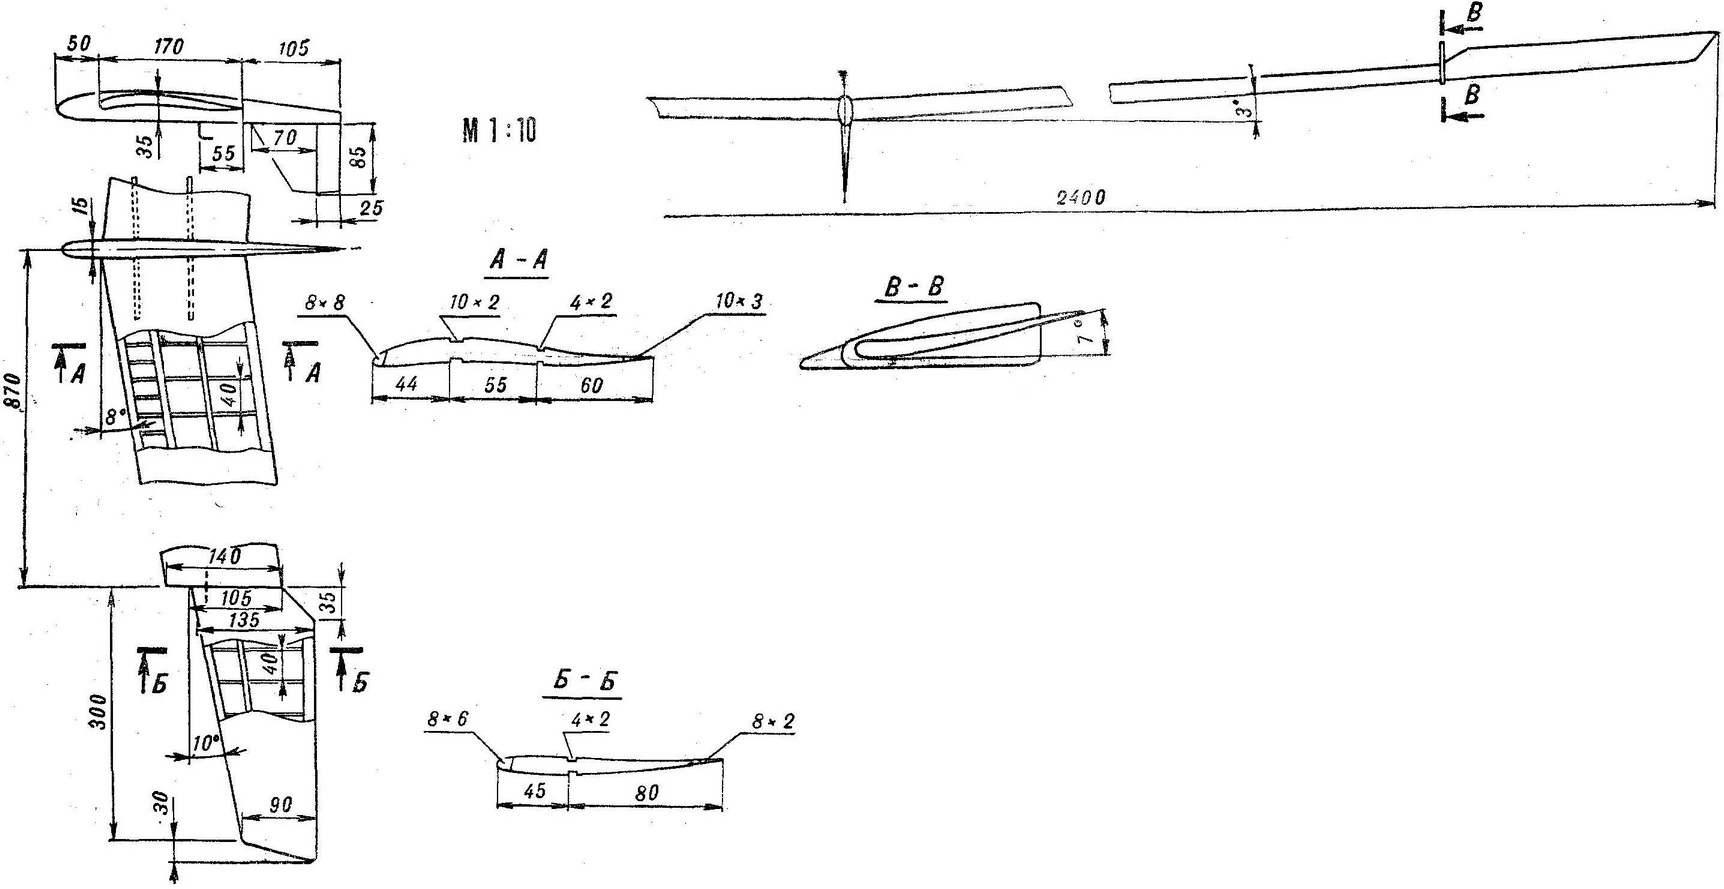 Model glider